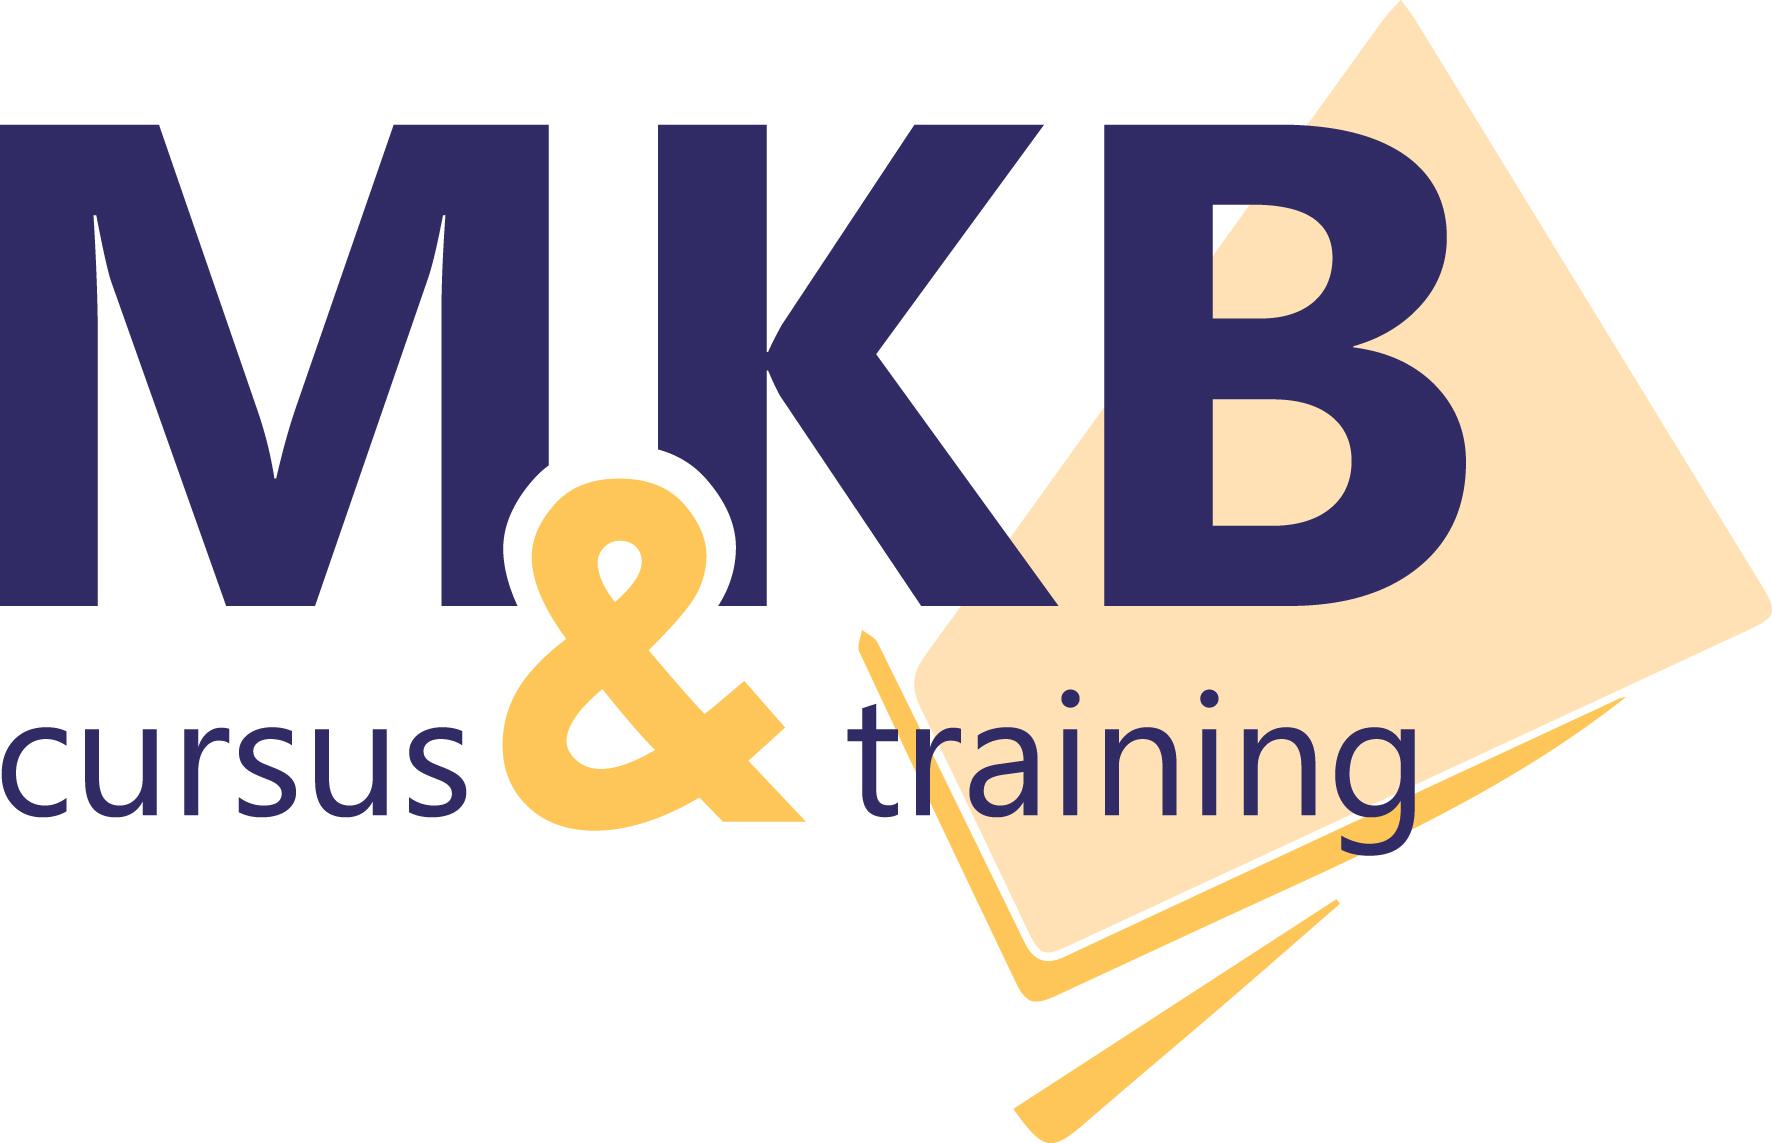 MKB Cursus & Training